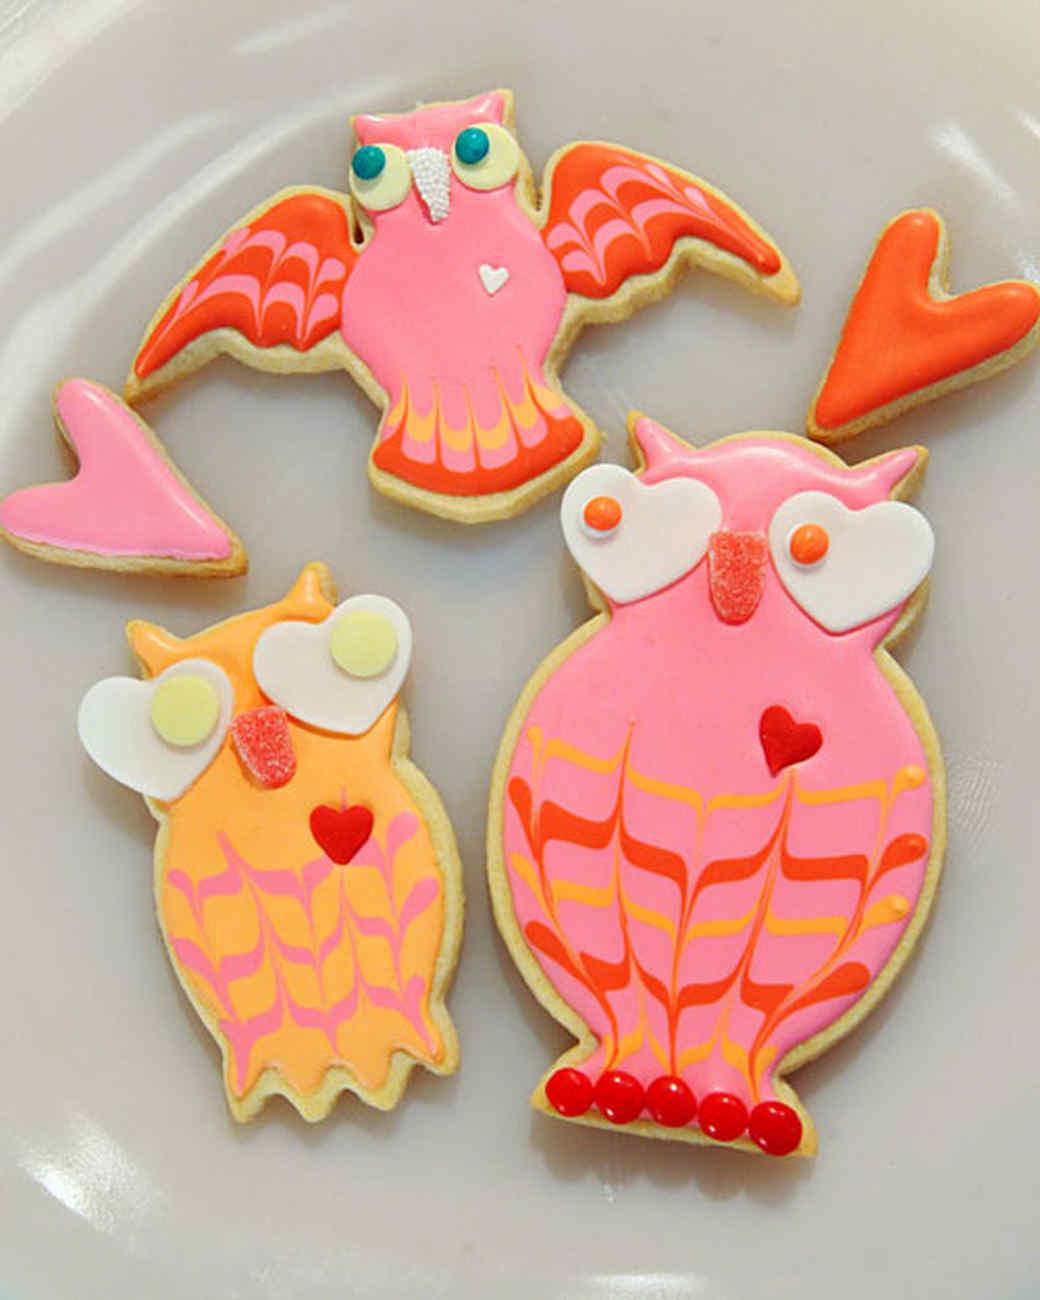 6092_020111_lovebird_cookies.jpg